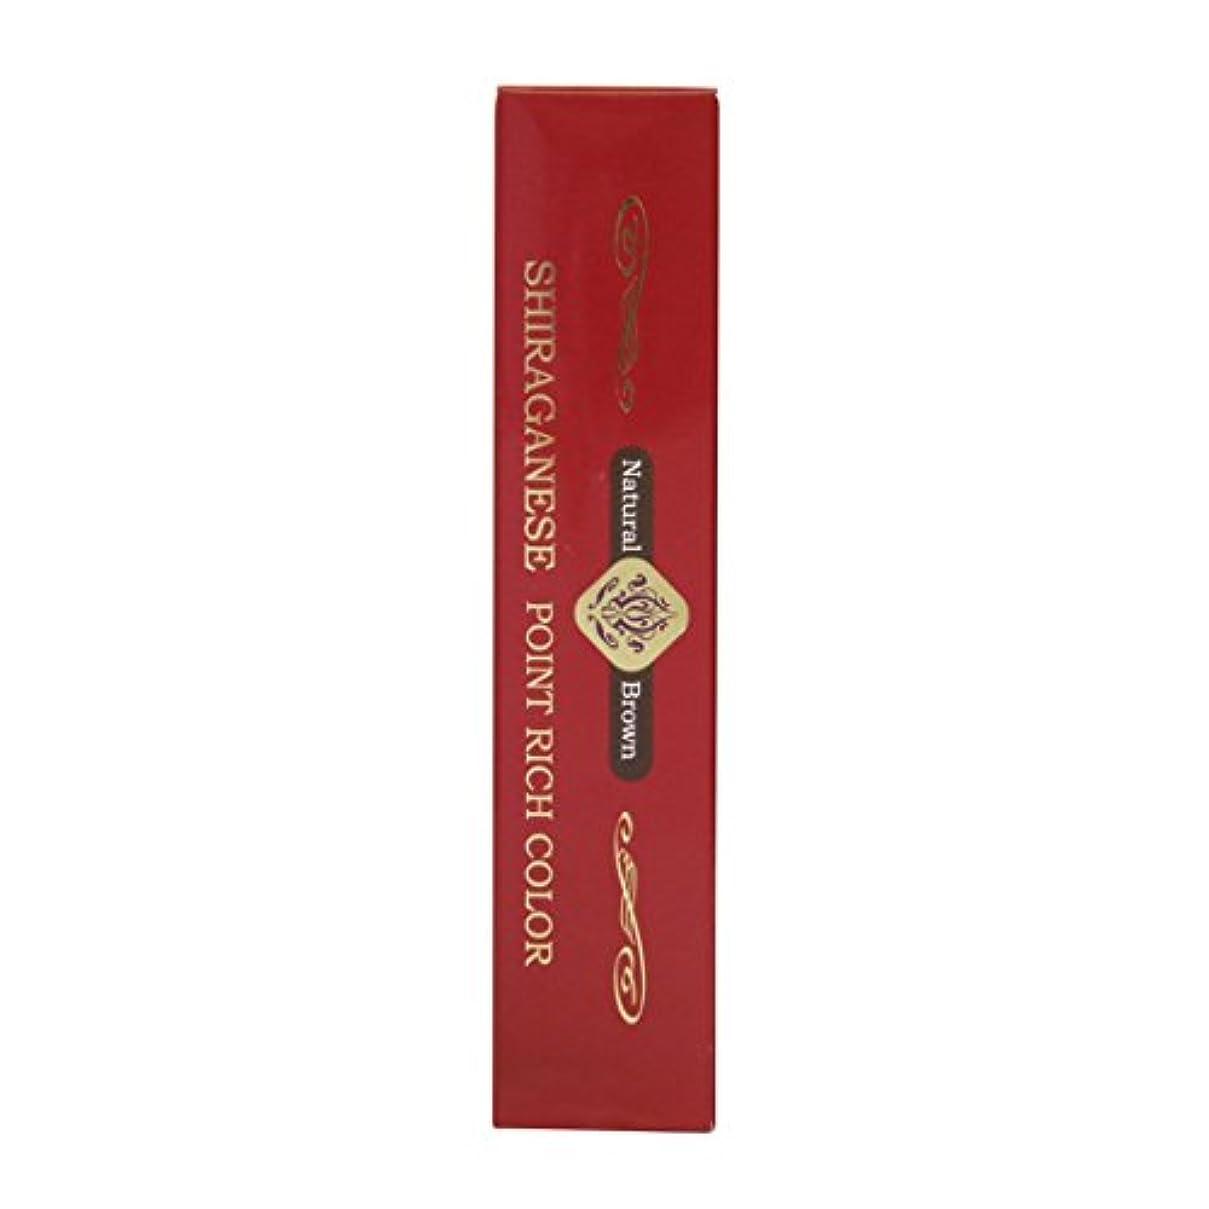 非公式円形のシャットビアント シラガネーゼ ポイントリッチカラー ナチュラルブラウン 20g